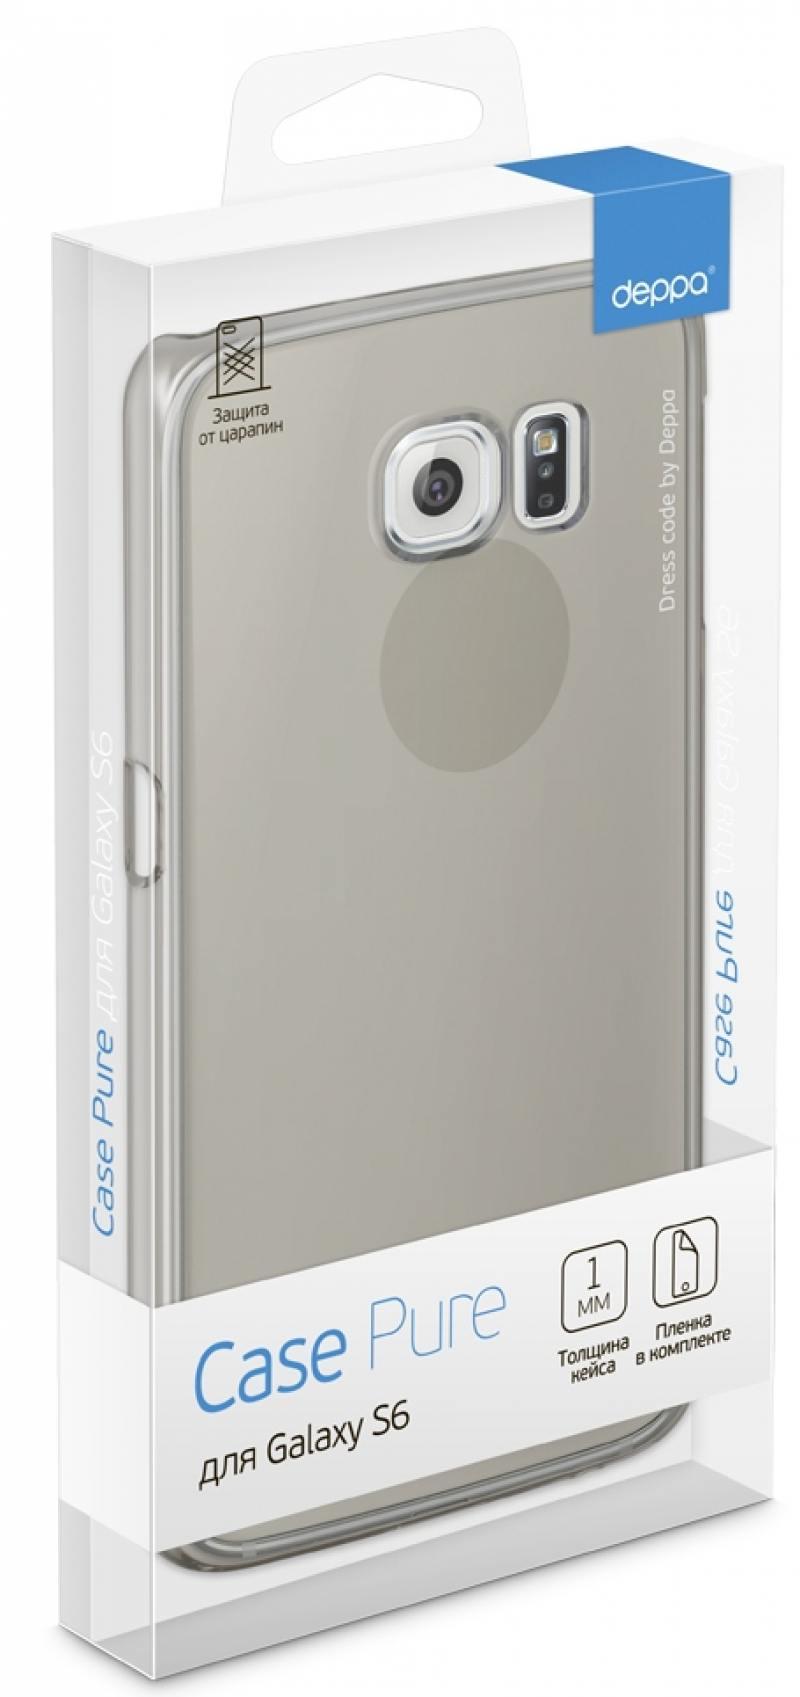 Чехол Deppa Pure Case и защитная пленка для Samsung Galaxy S6 с защитным нанесением hard coating чер deppa film cristal защитная пленка для samsung galaxy s8 глянцевая